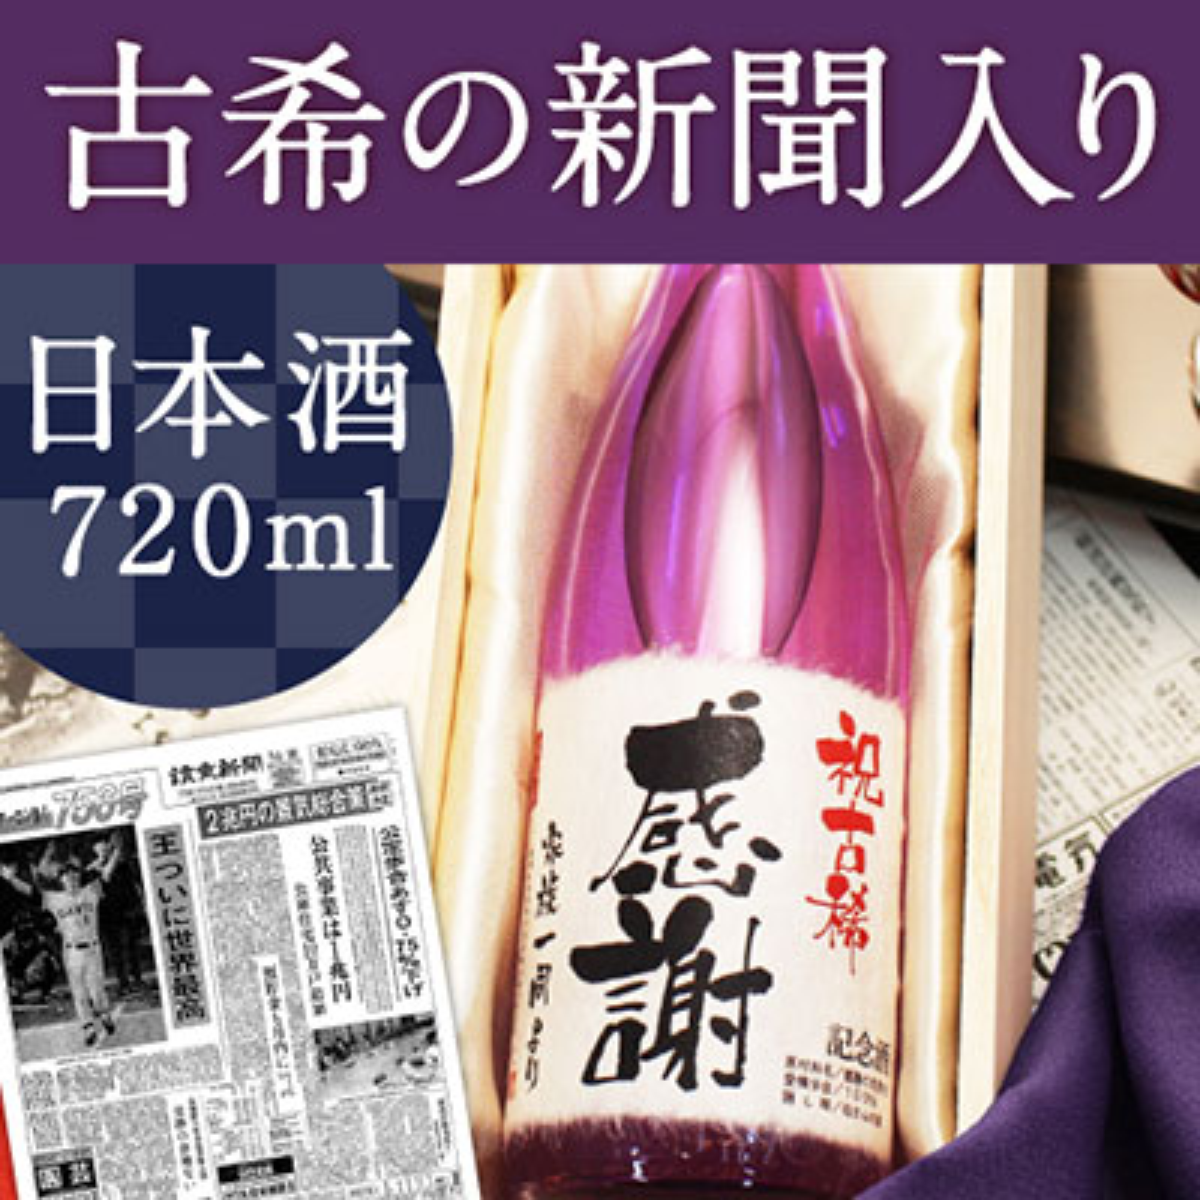 古希祝いプレゼント|記念日の新聞付き名入れ「紫式部」720ml(日本酒)